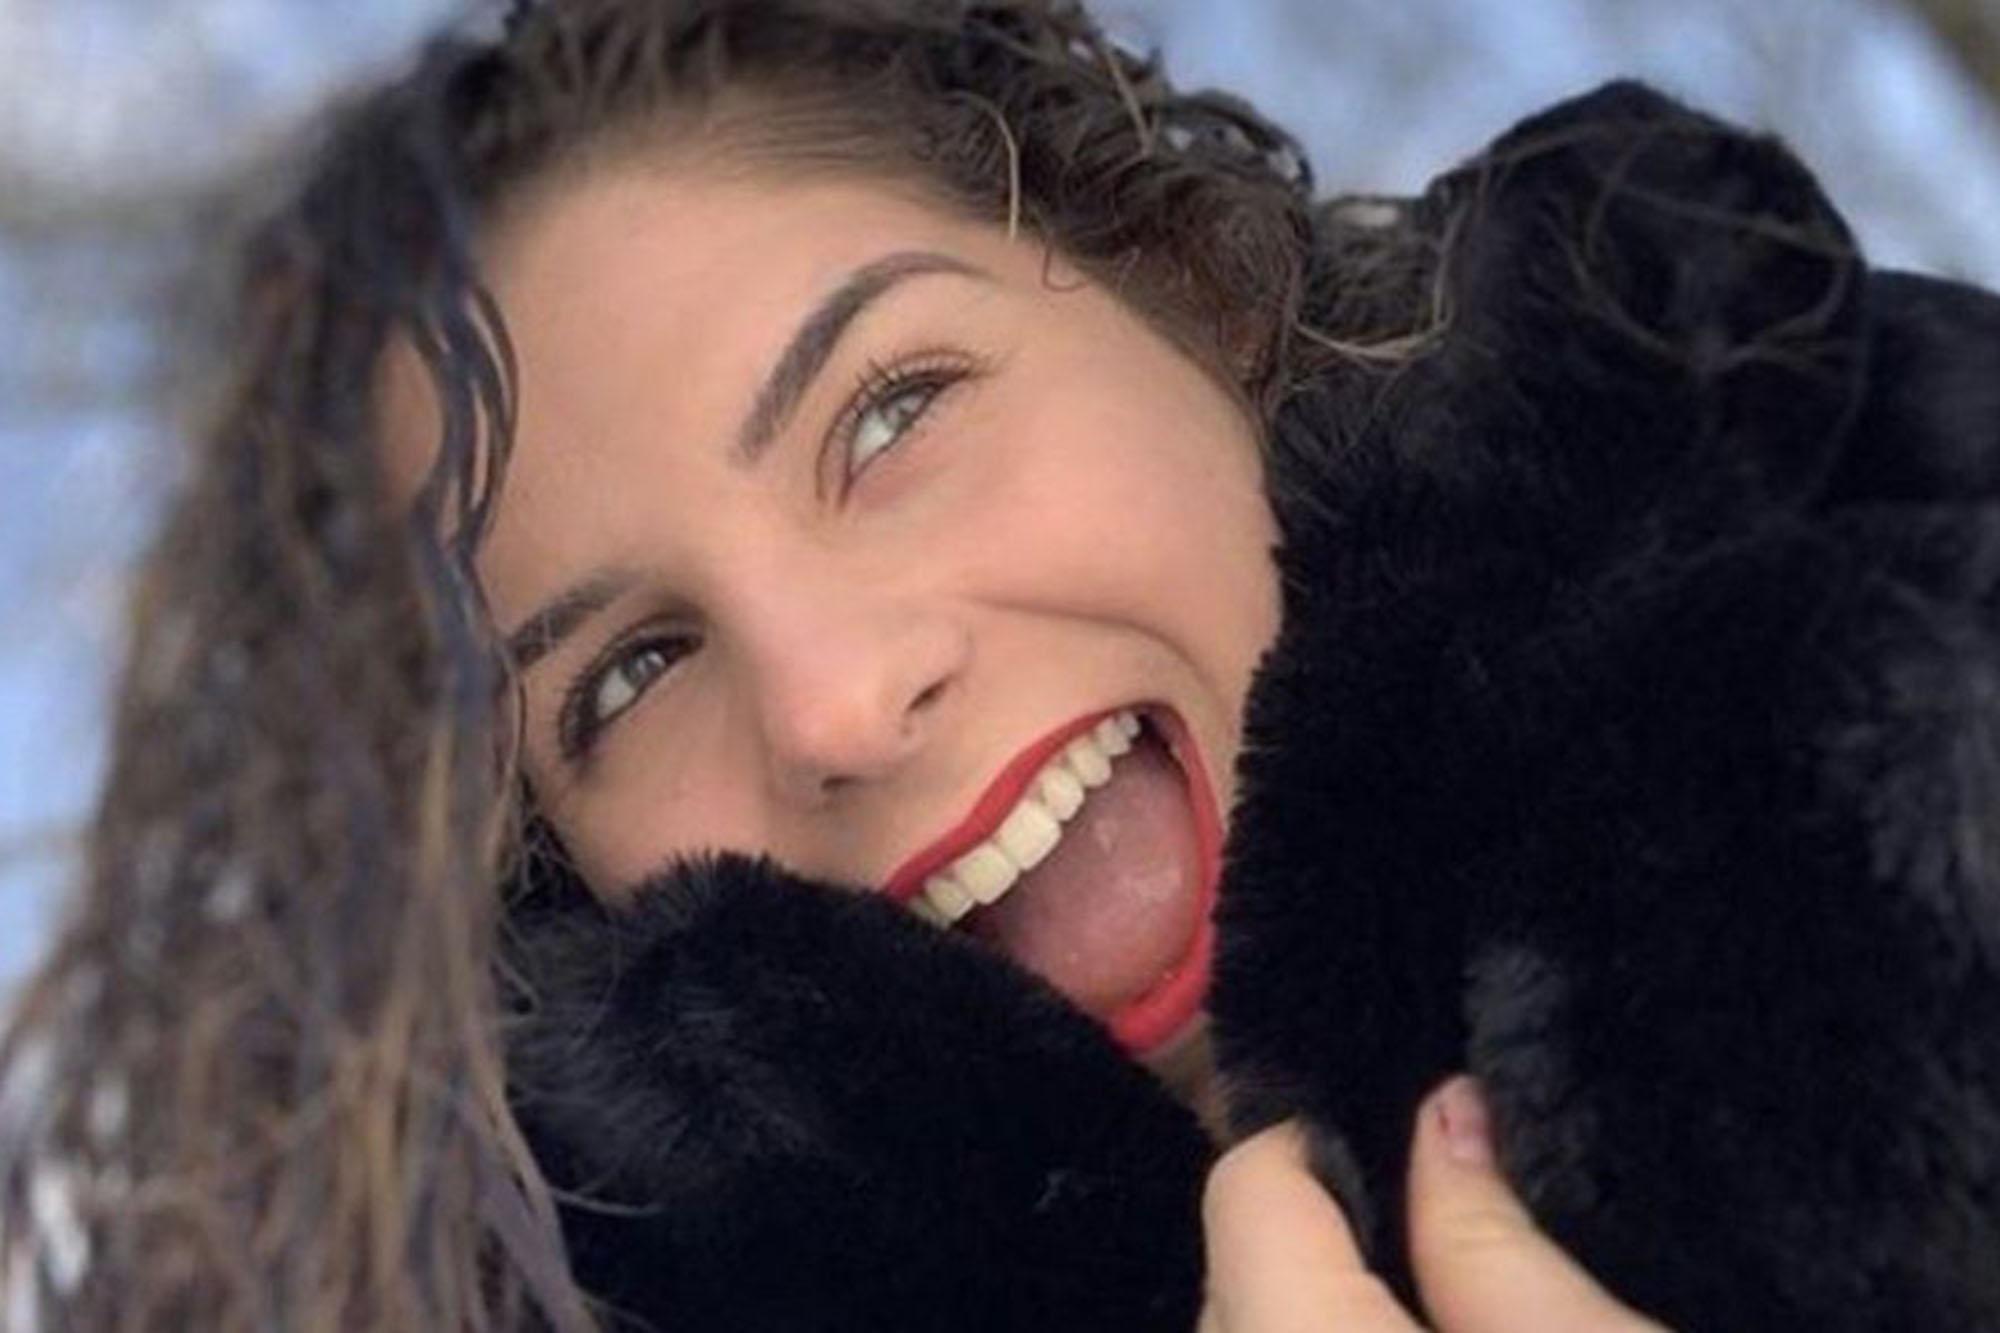 Nữ sinh mới 16 tuổi qua đời sau một tuần có triệu chứng nhiễm Covid-19